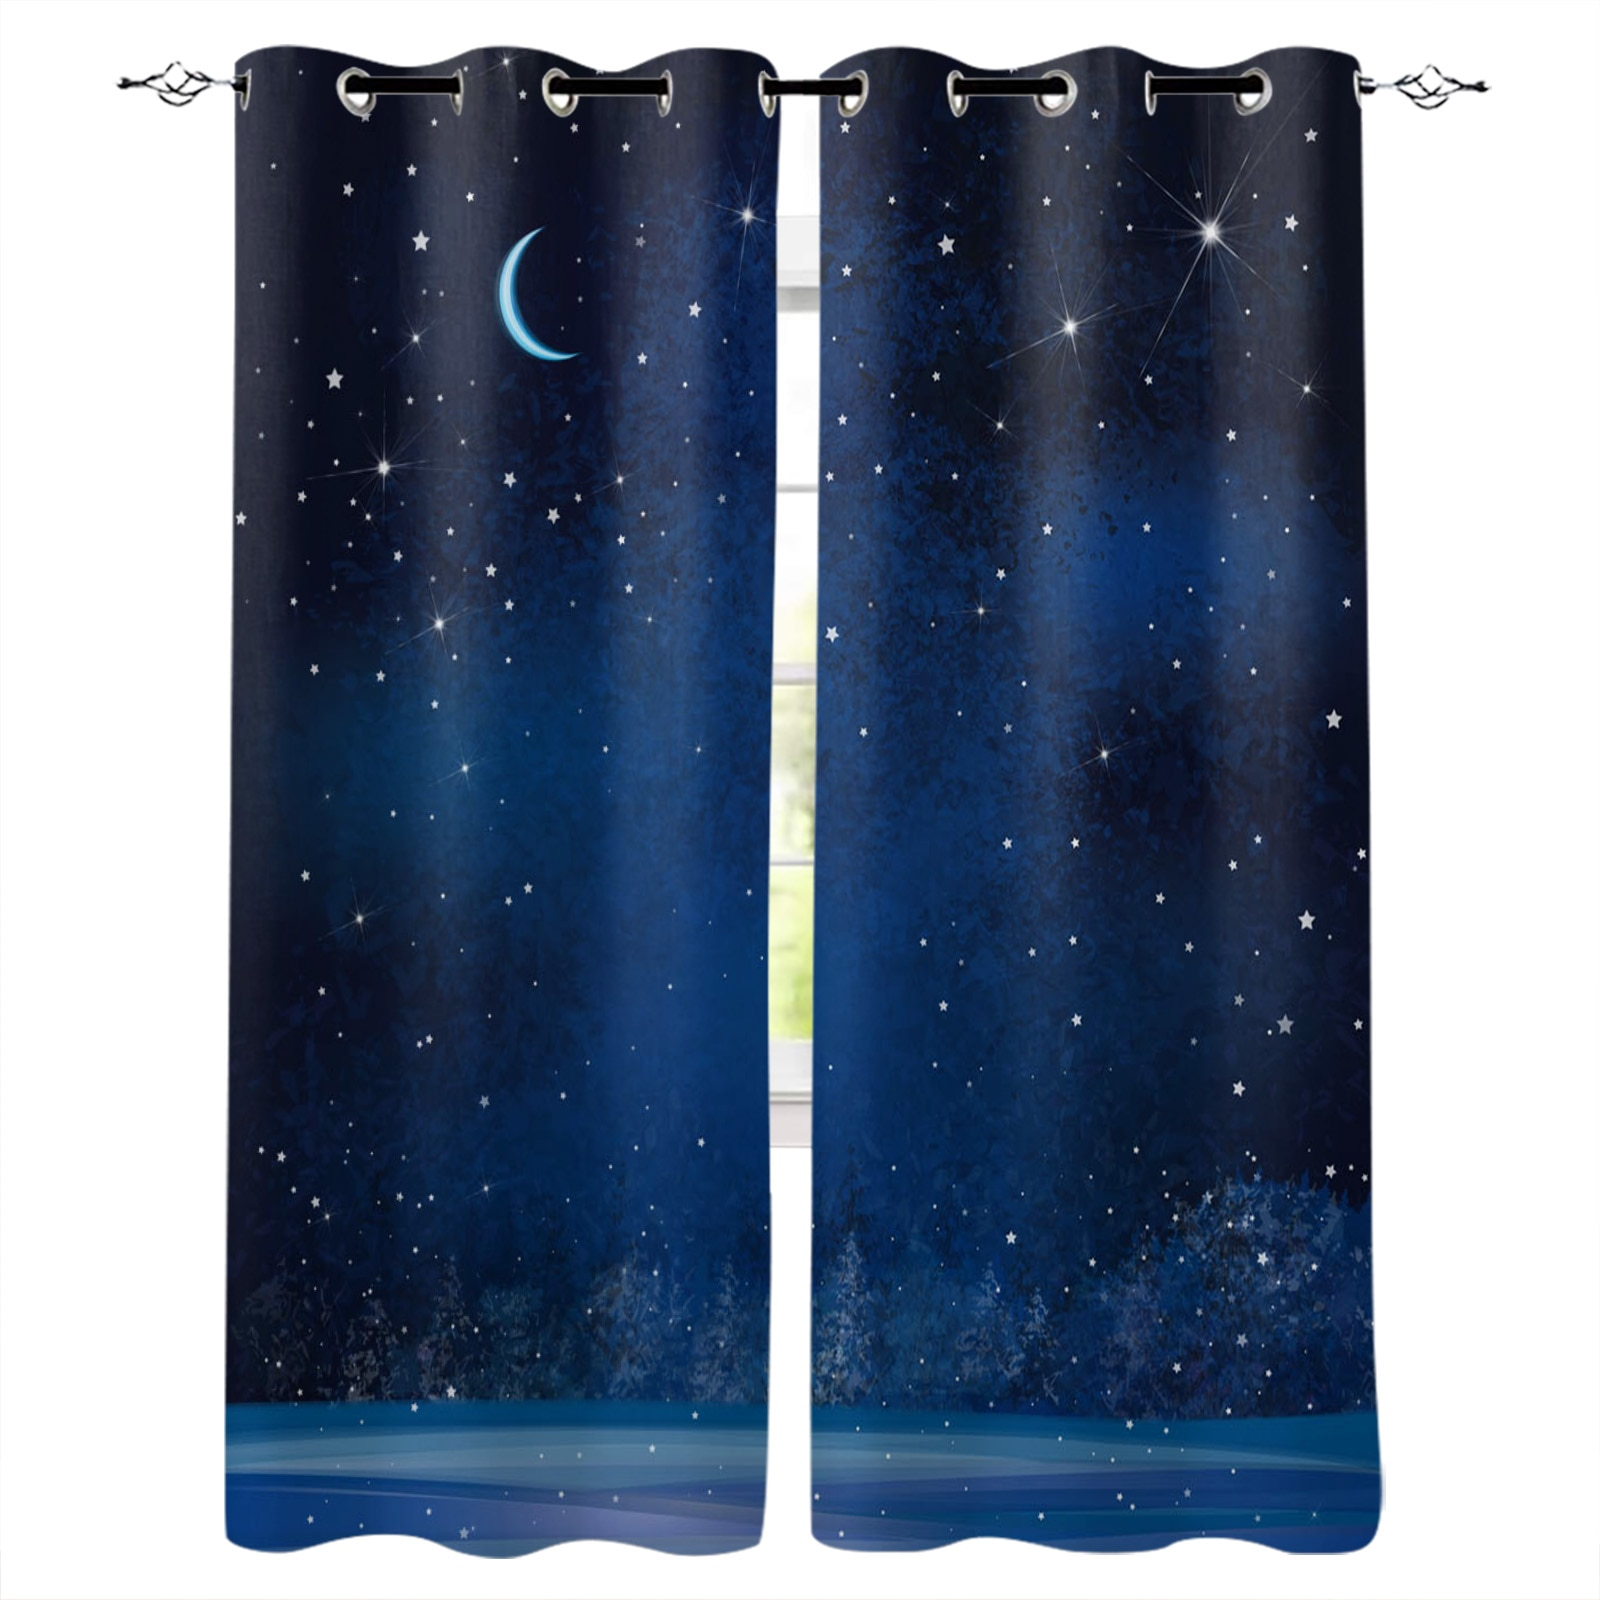 النجوم السماء المرصعة بالنجوم القمر الأشجار الجميلة الحديثة الستائر لغرفة المعيشة غرفة نوم المطبخ الستائر الستائر أشكال عرض النوافذ